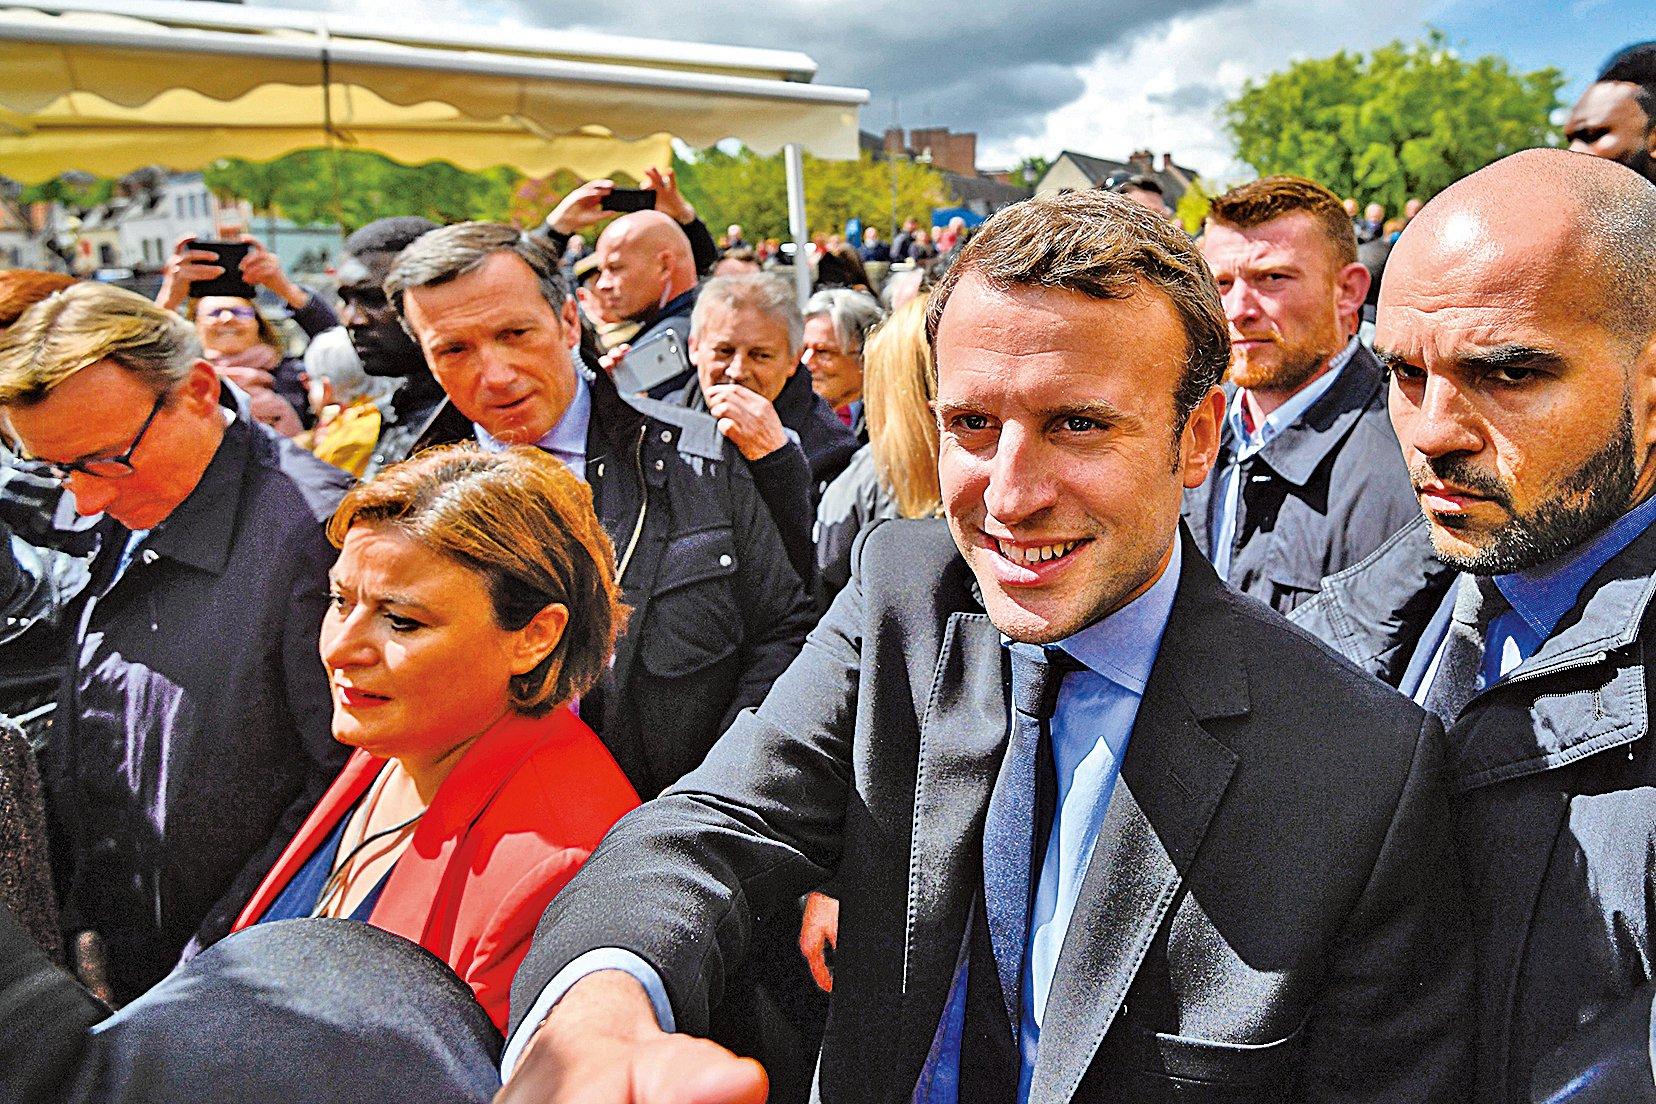 法國總統大選第二輪投票前,民調遙遙領先的中間派馬克龍(Emmanuel Macron)4月26日到故鄉法國北部亞眠(Amiens)拉票,與一群憤怒的罷工工人對談超過一小時,成為法國大選歷史上難得的一幕。(Getty Images)